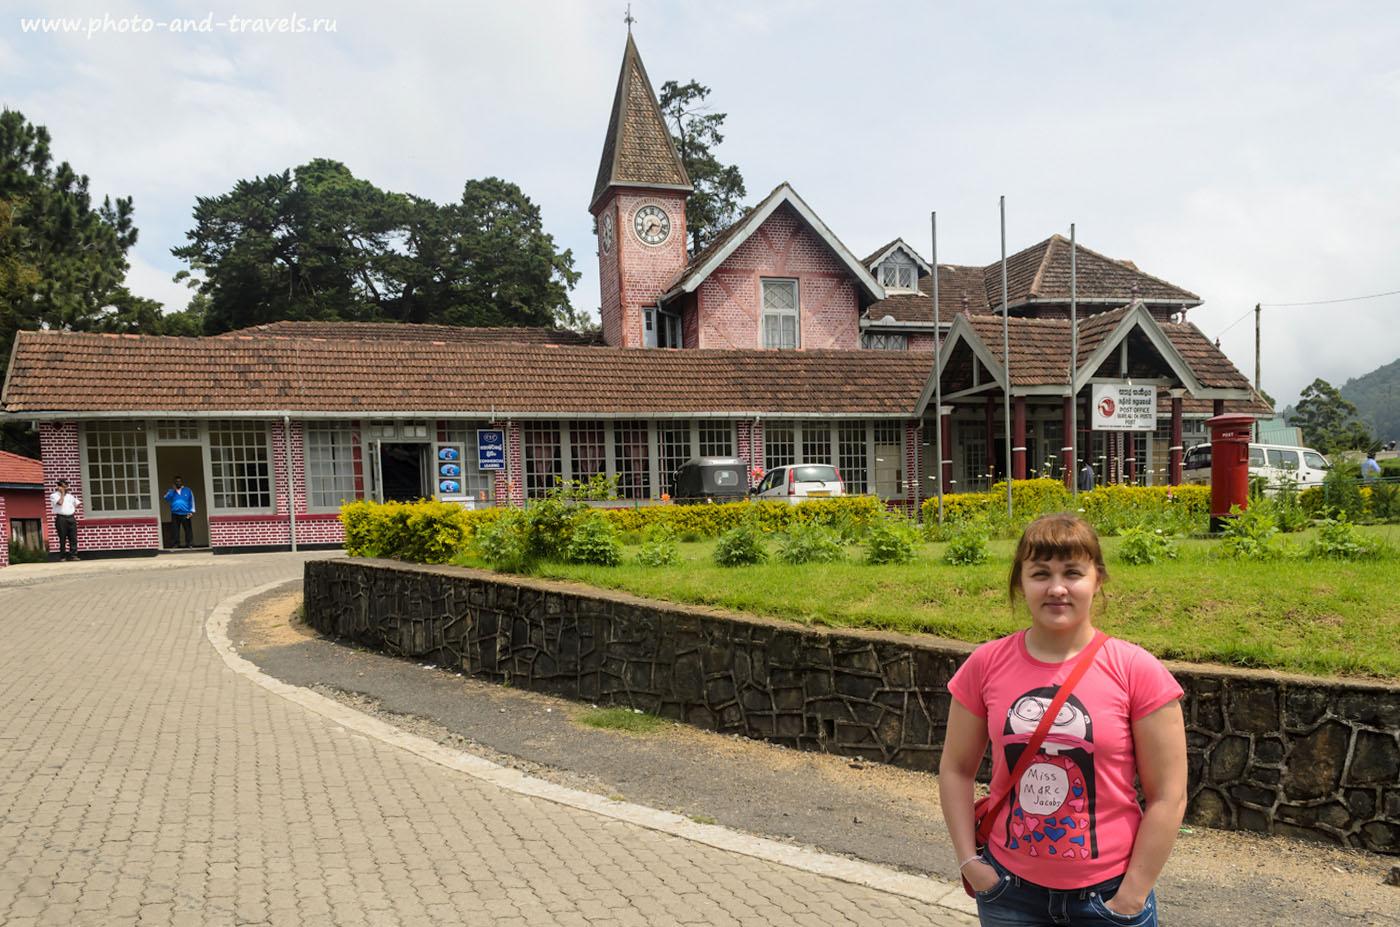 Фото 1. Старинное здание почты в городе Nuwara Eliya. Отчет о поездке по Шри-Ланке самостоятельно.